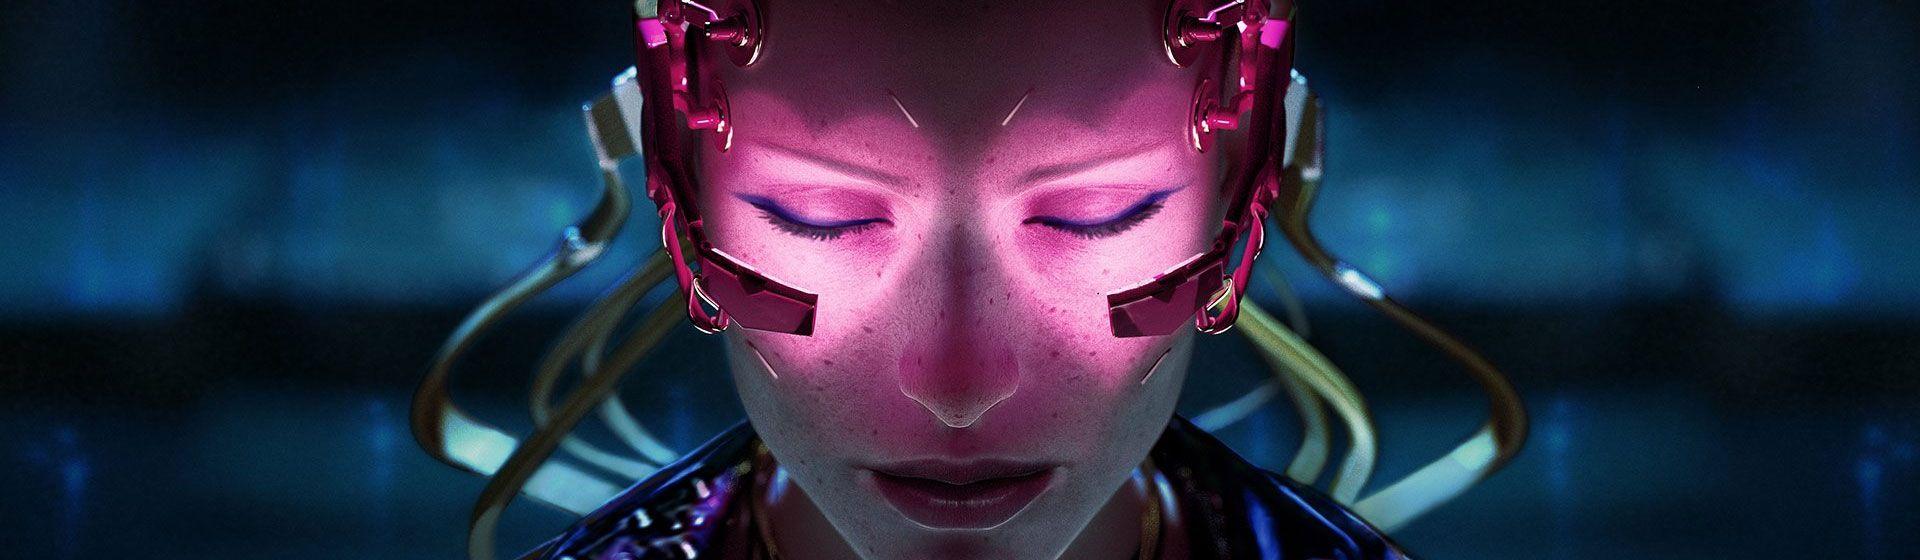 Cyberpunk 2077 perde 79% da base de jogadores na Steam em um mês